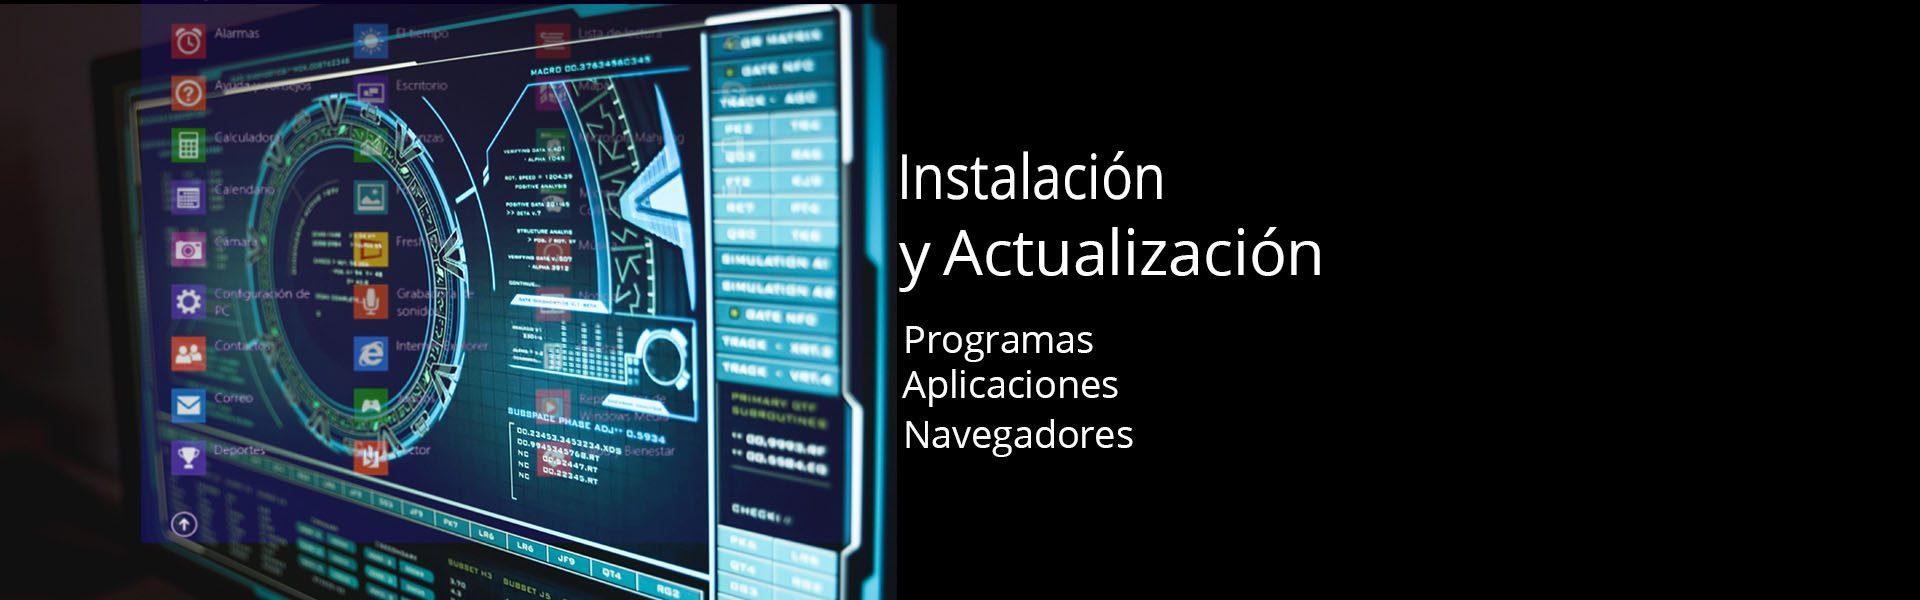 slide_instalacion